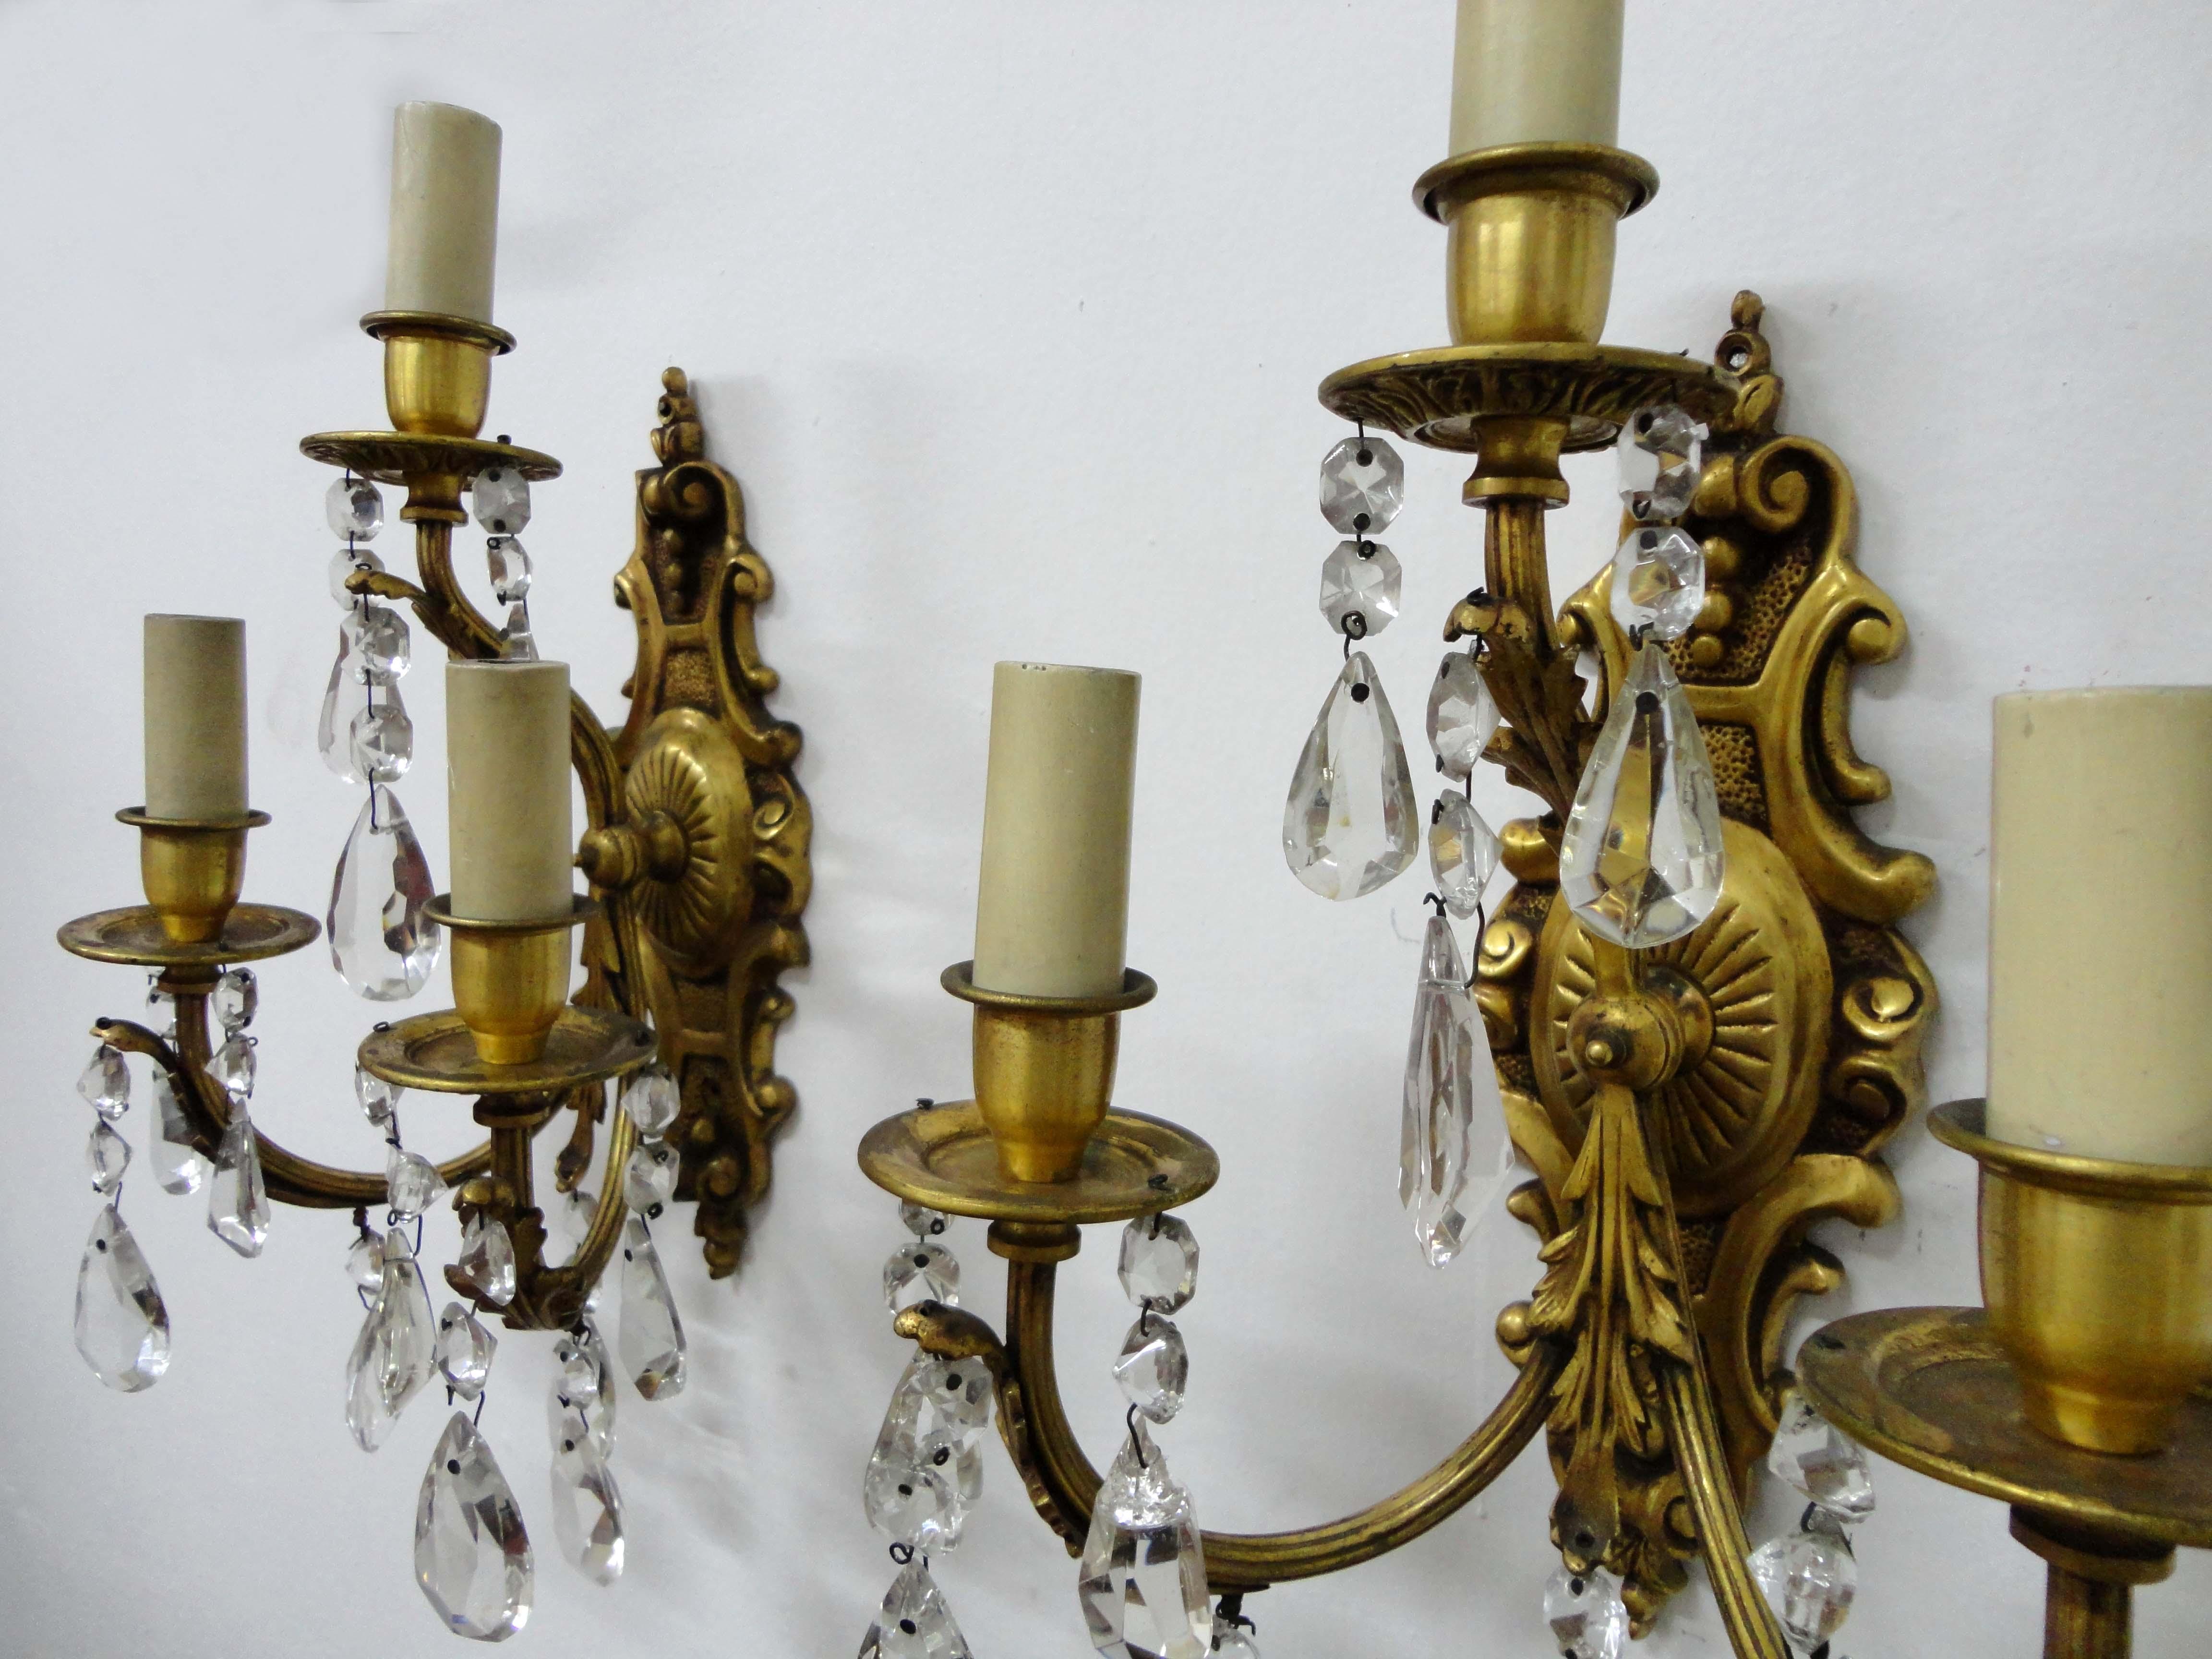 Casa rueda blog archive 2 apliques en bronce hojas de for Apliques de bronce para muebles